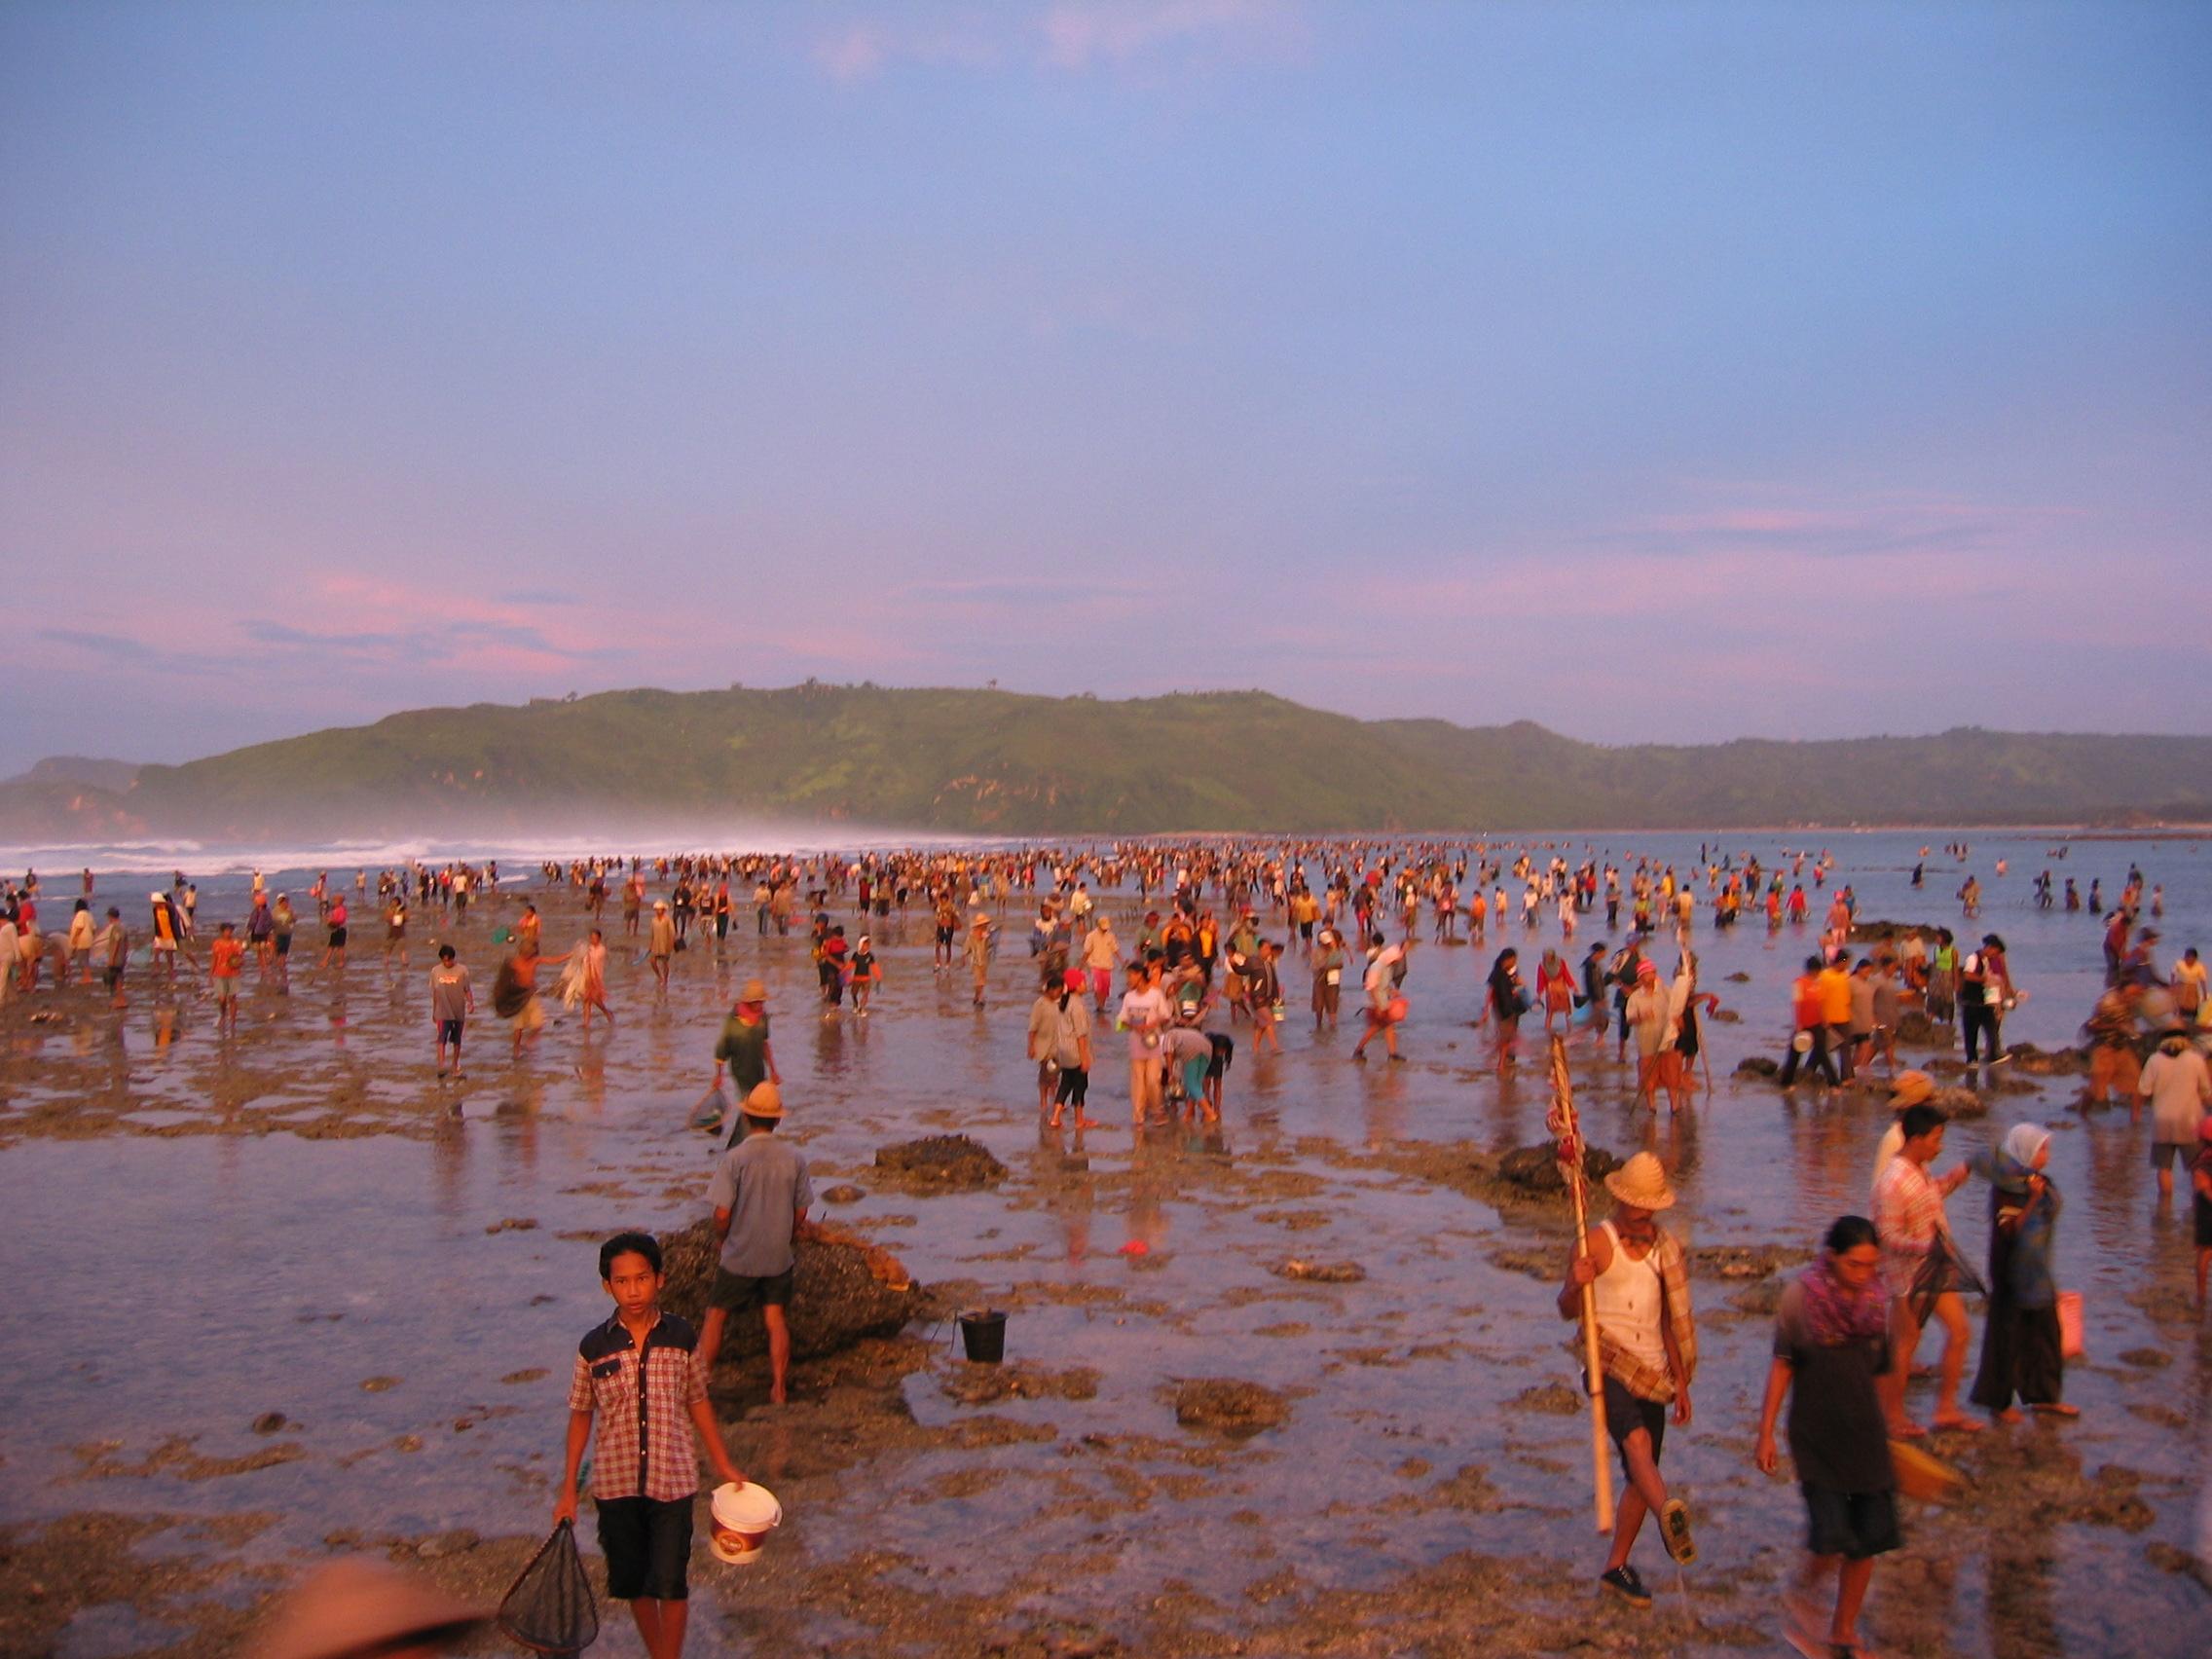 bau nyale Bau nyale merupakan tradisi turun temurun dalam tradisi ini, ribuan orang  menangkap cacing laut di sepanjang pantai pulau lombok.